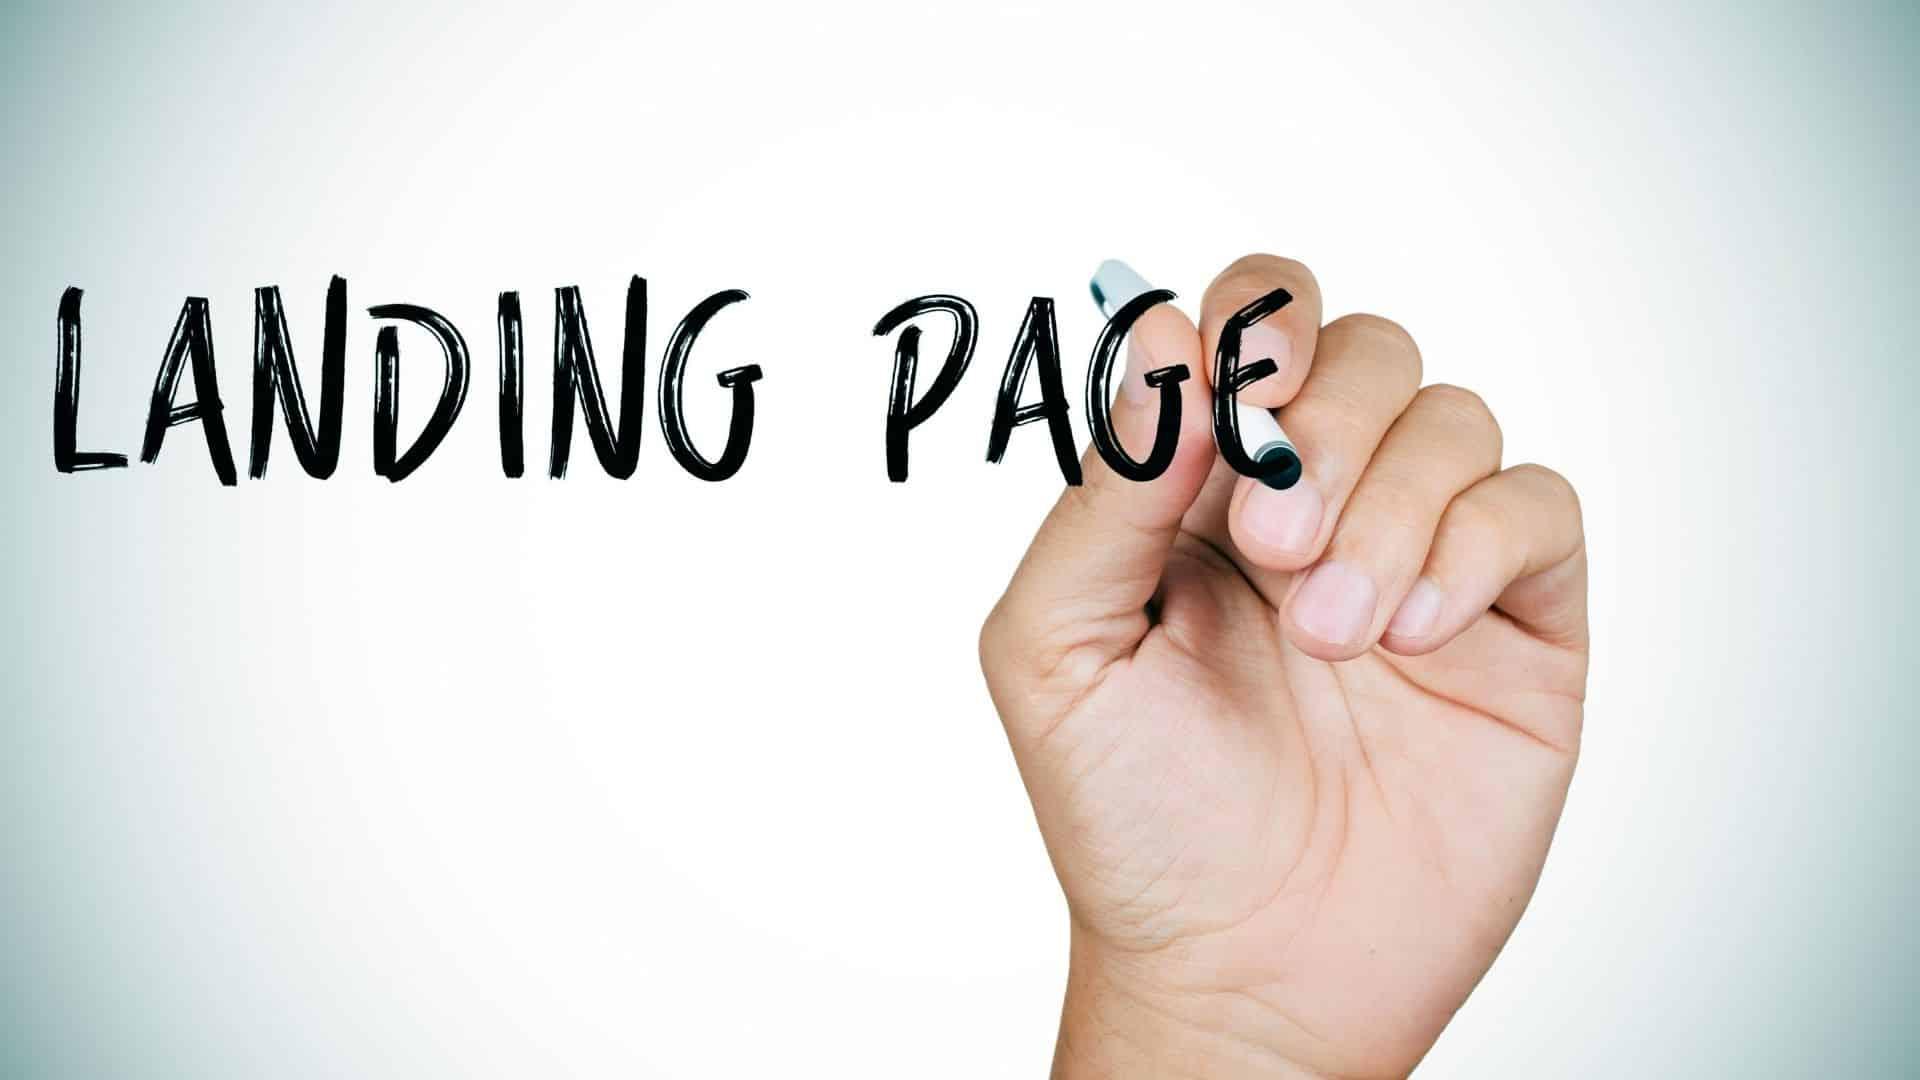 Comment faire de votre Landing page l'atout n°1 de votre site web?